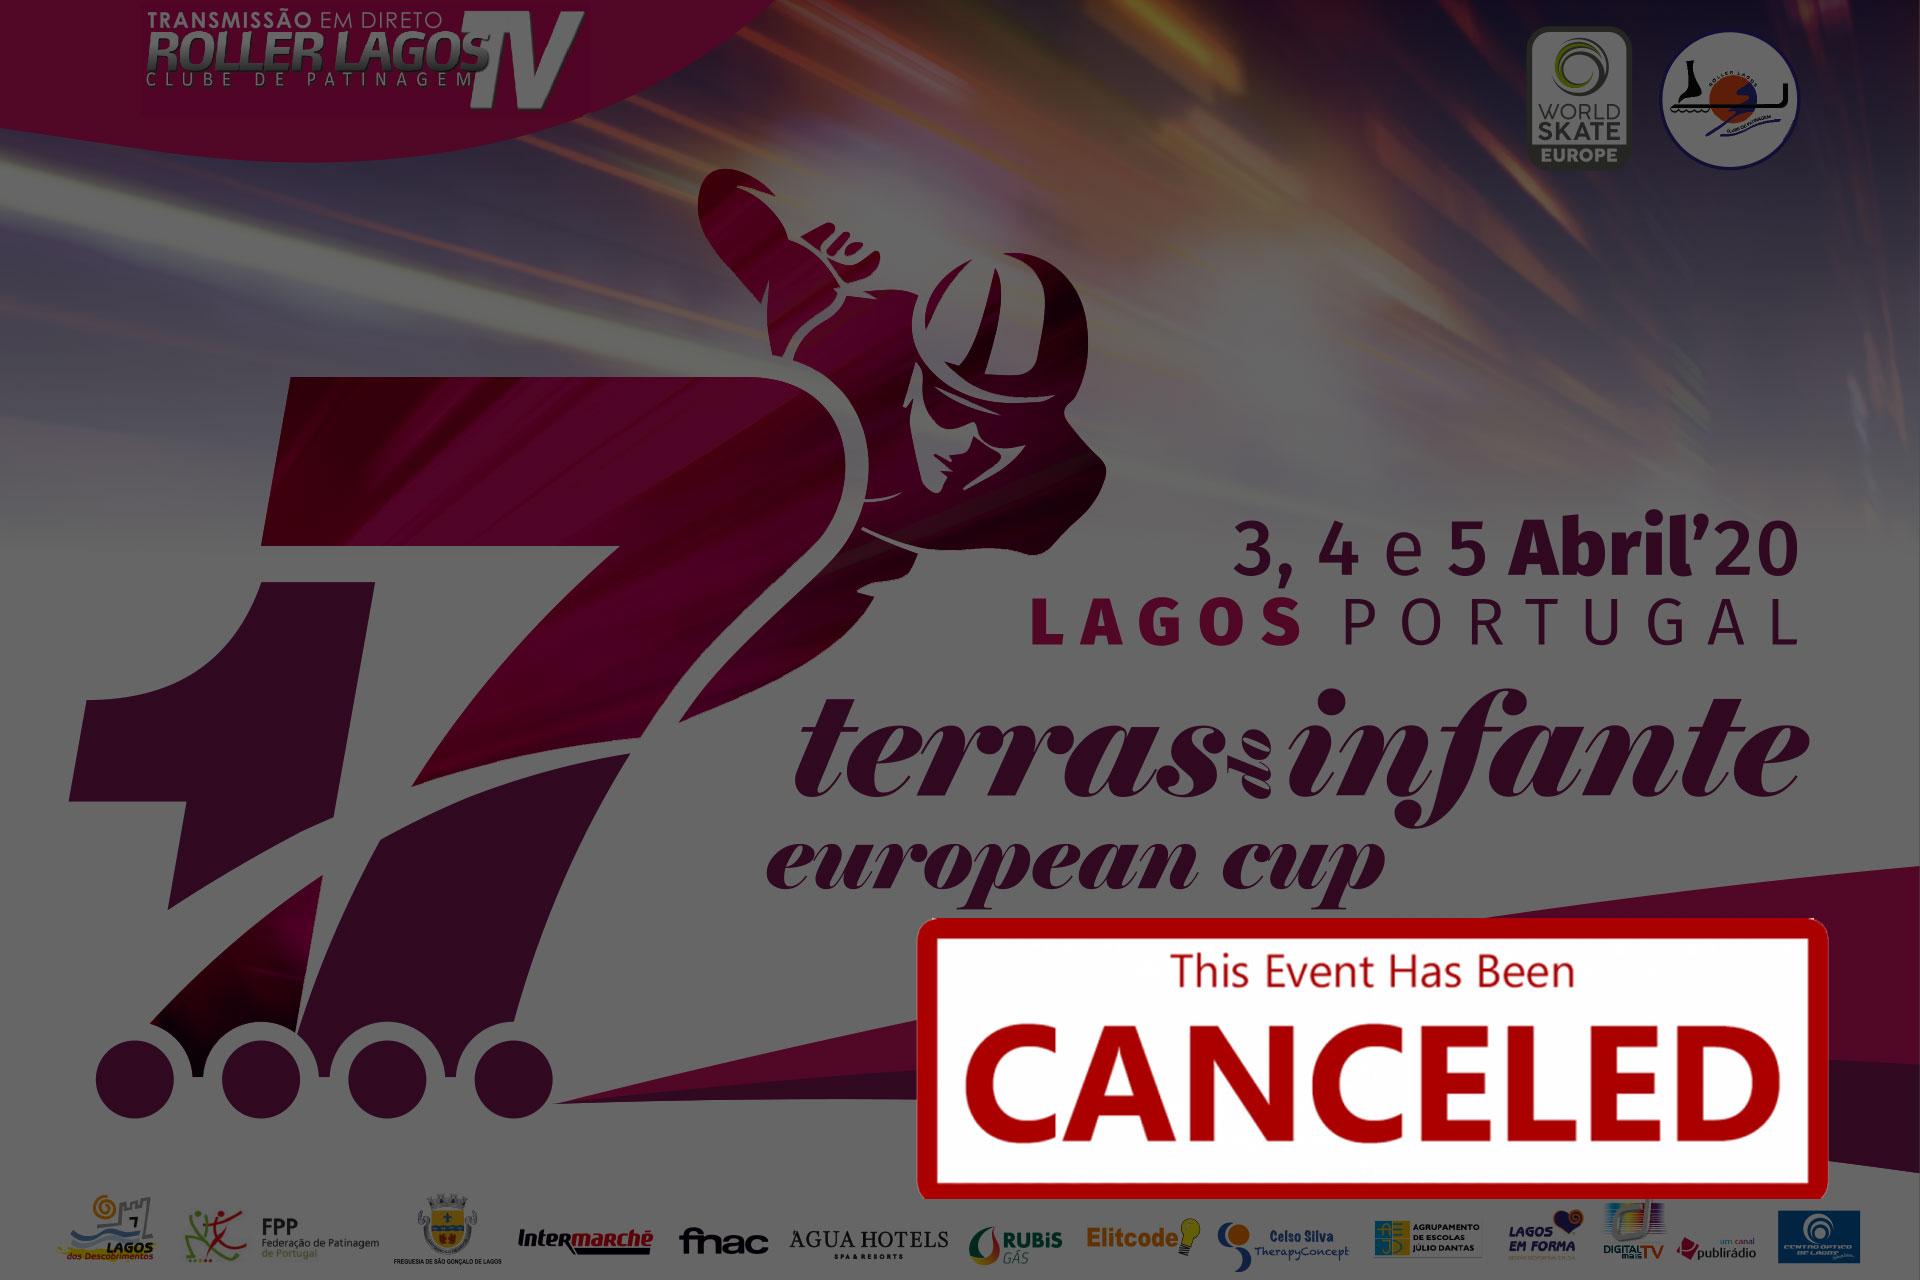 torneio internacional terras do infante – 2ª etapa das taças da europa está cancelado Torneio Internacional Terras do Infante – 2ª Etapa das Taças da Europa está CANCELADO cancelled 5